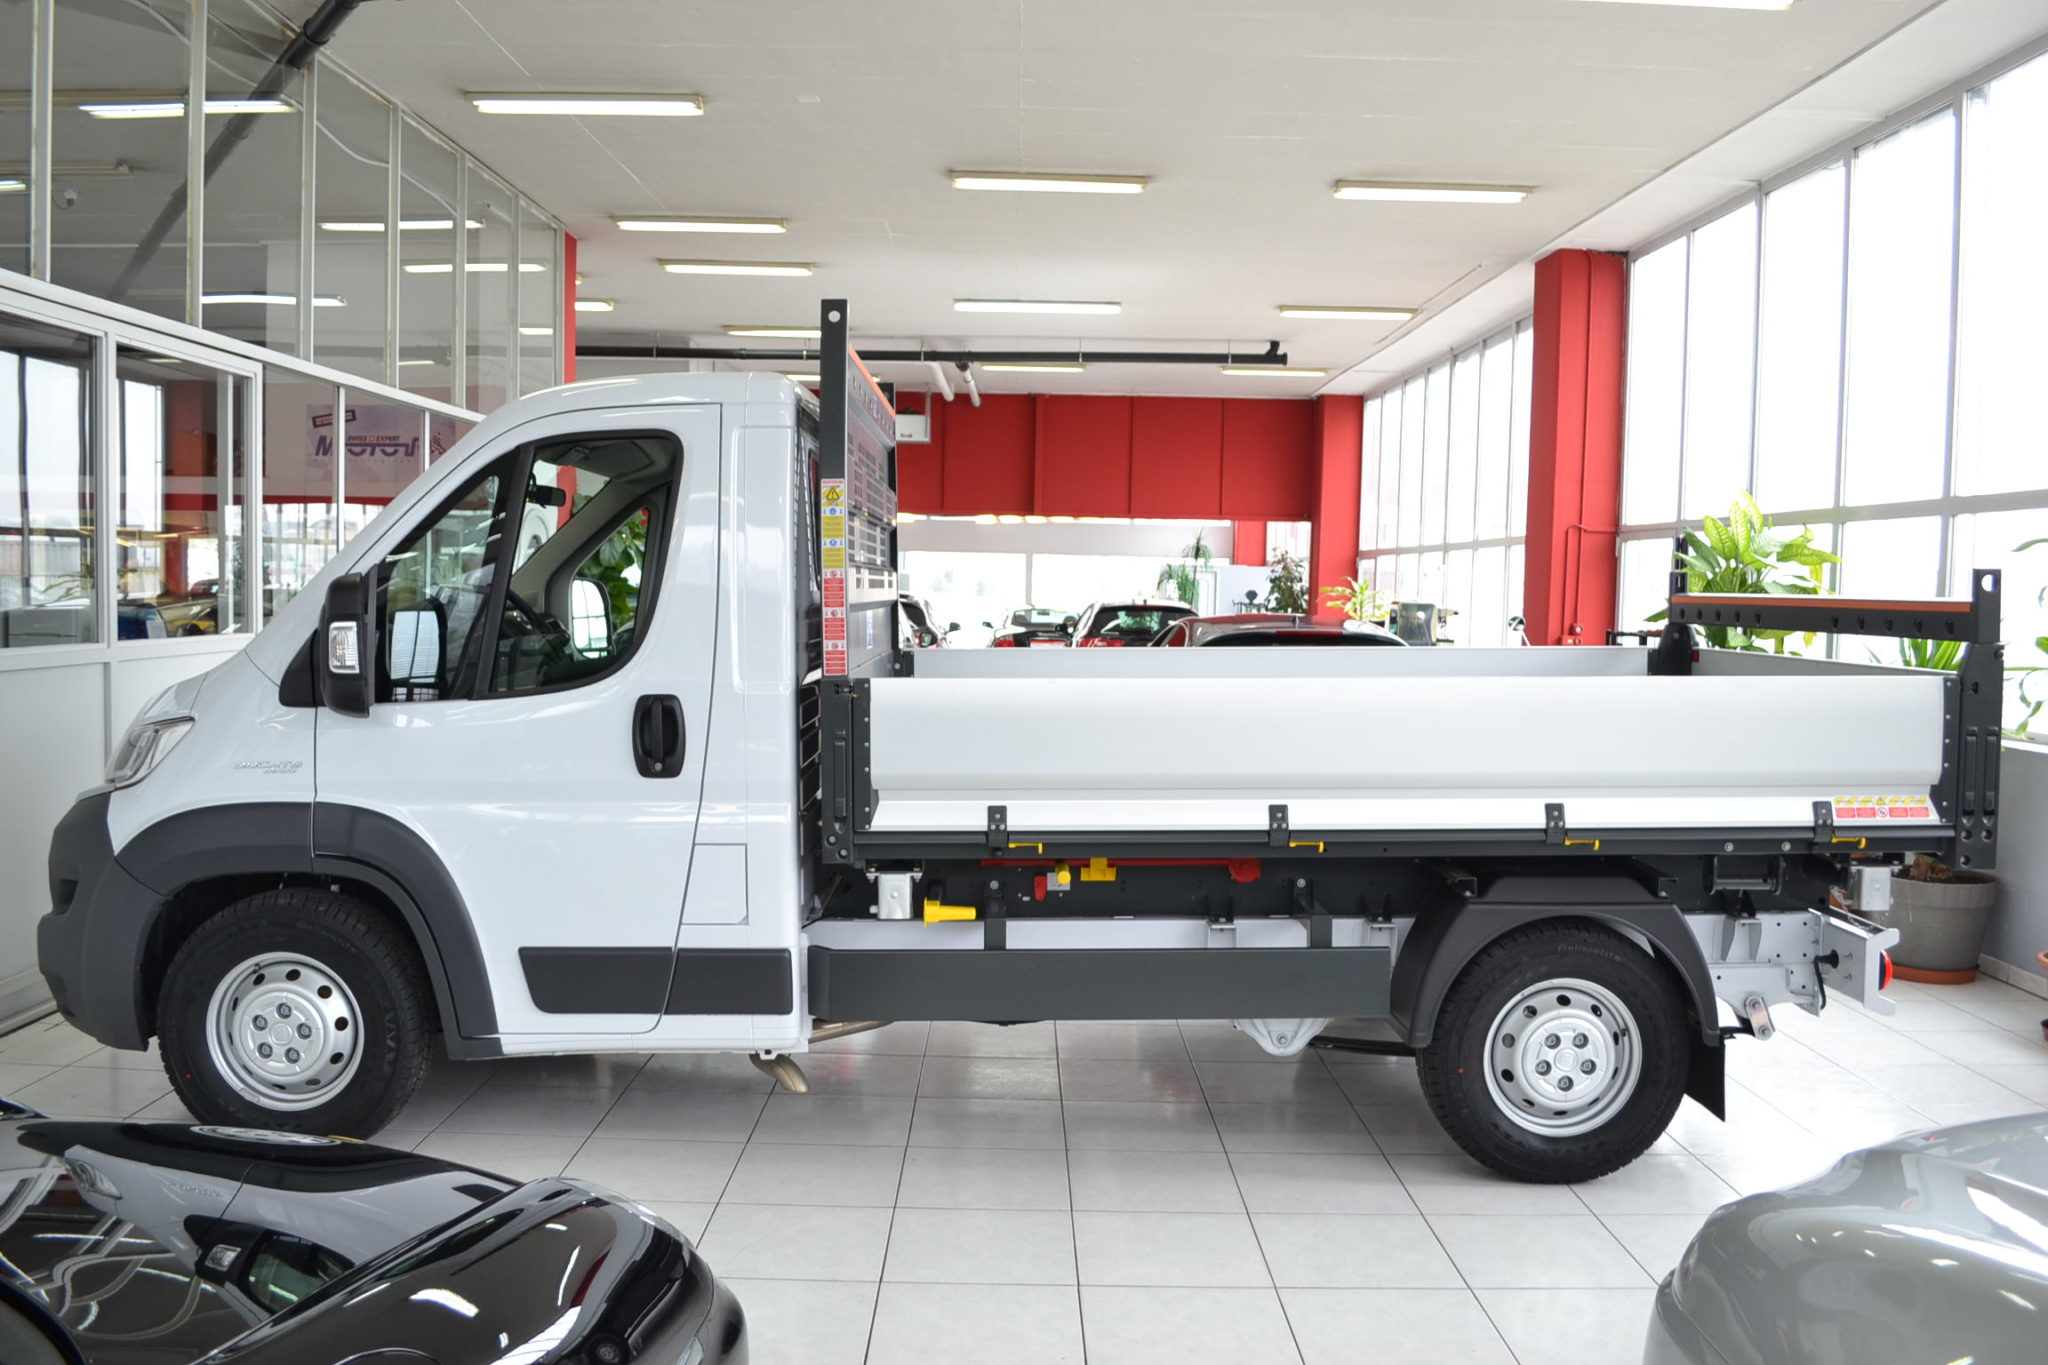 Garage Fiat Ducato : Fiat ducato 295 17 kab. ch. 3450 2.3 mj garage vecchio